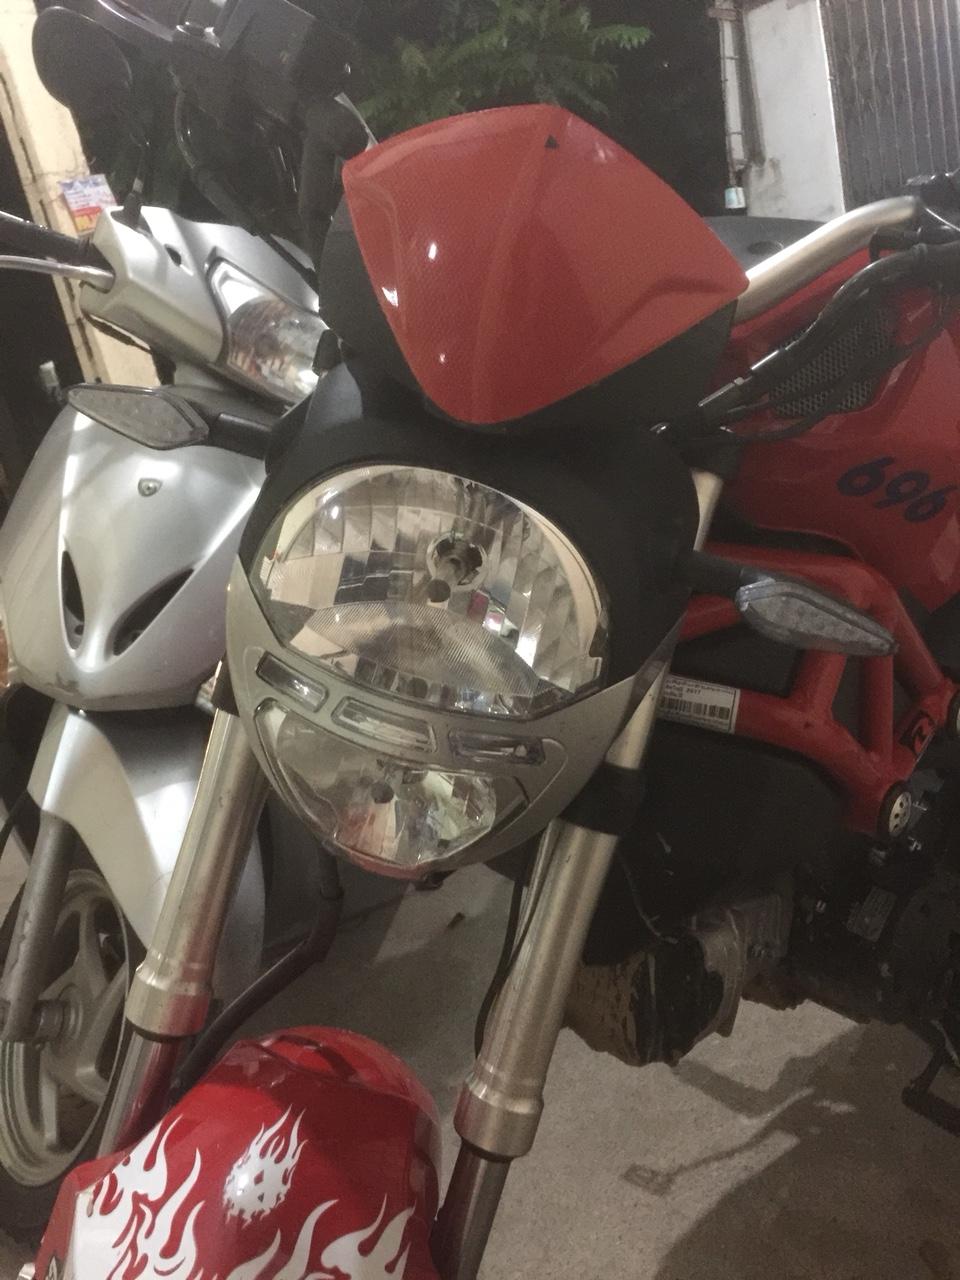 Ban YMH Ducati mini nhap Thai lan 2018 moi nguyen di dc 1500km chinh chu - 2